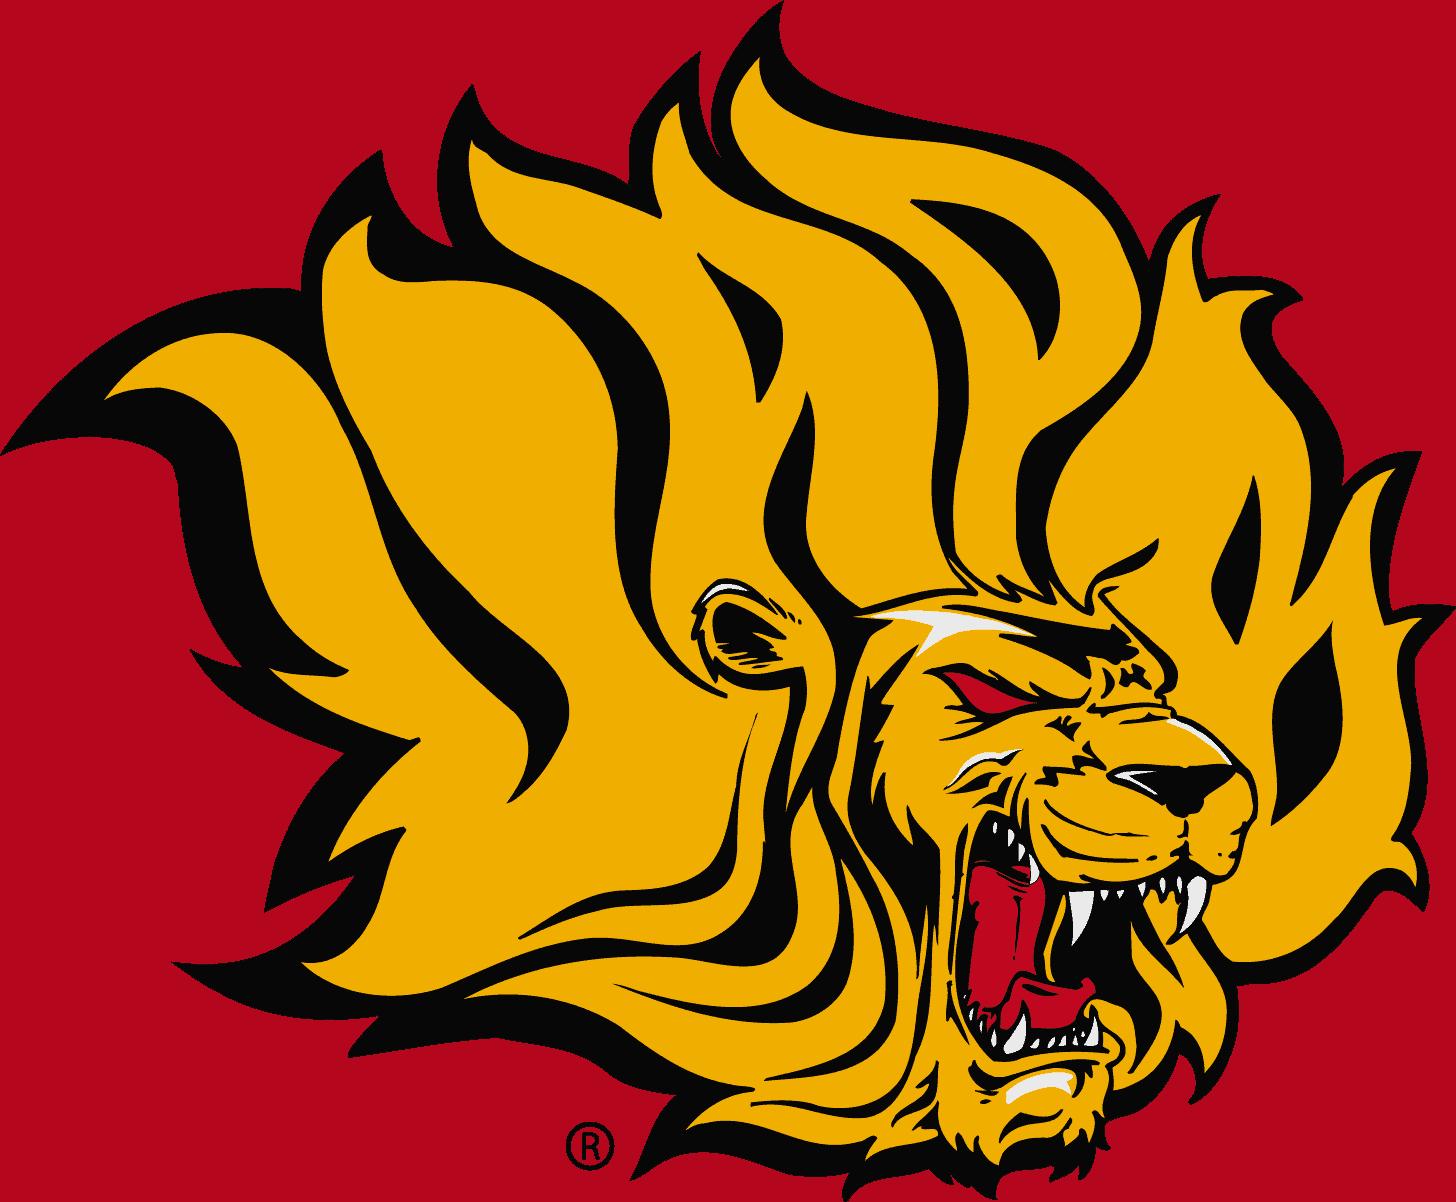 Arkansas Pine Bluff Golden Lions Logo (Golden Lady Lions) png